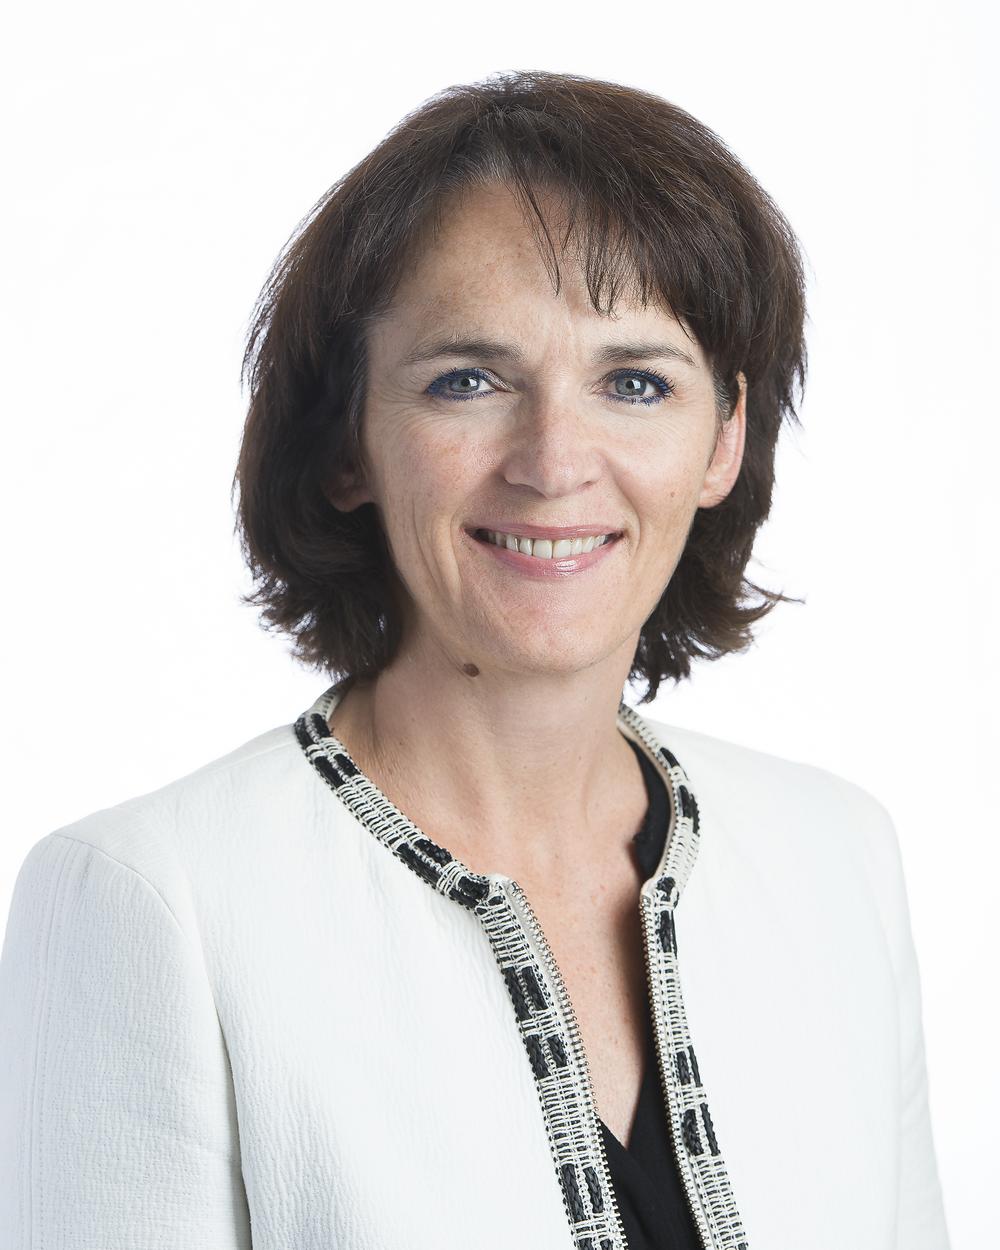 Marine Friant-Perrot, Maître de conférences à la Faculté de droit et de sciences politiques l'Université de Nantes